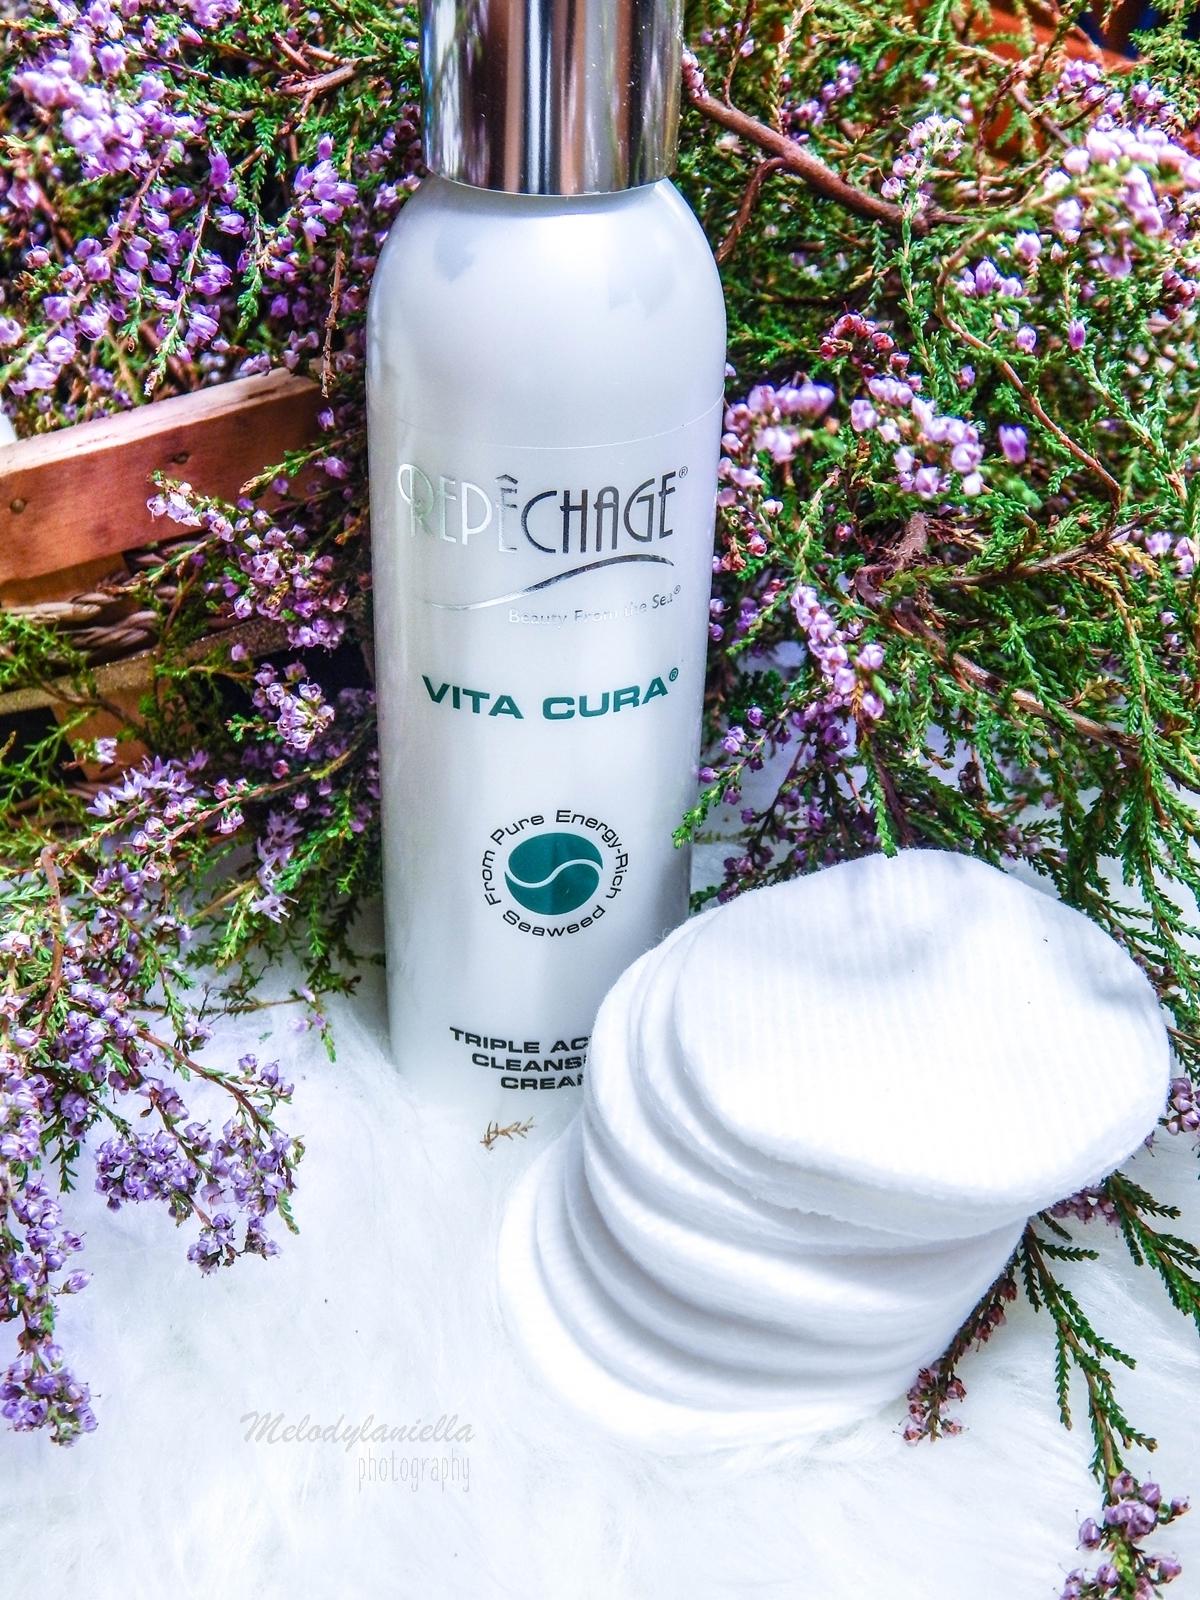 t-zone balance tonik repechage vita cura mleczko oczyszczajace do demakijazu jak zrobic dobrze demakijaz jest wazny .jpg sposob na domowy demakijaz